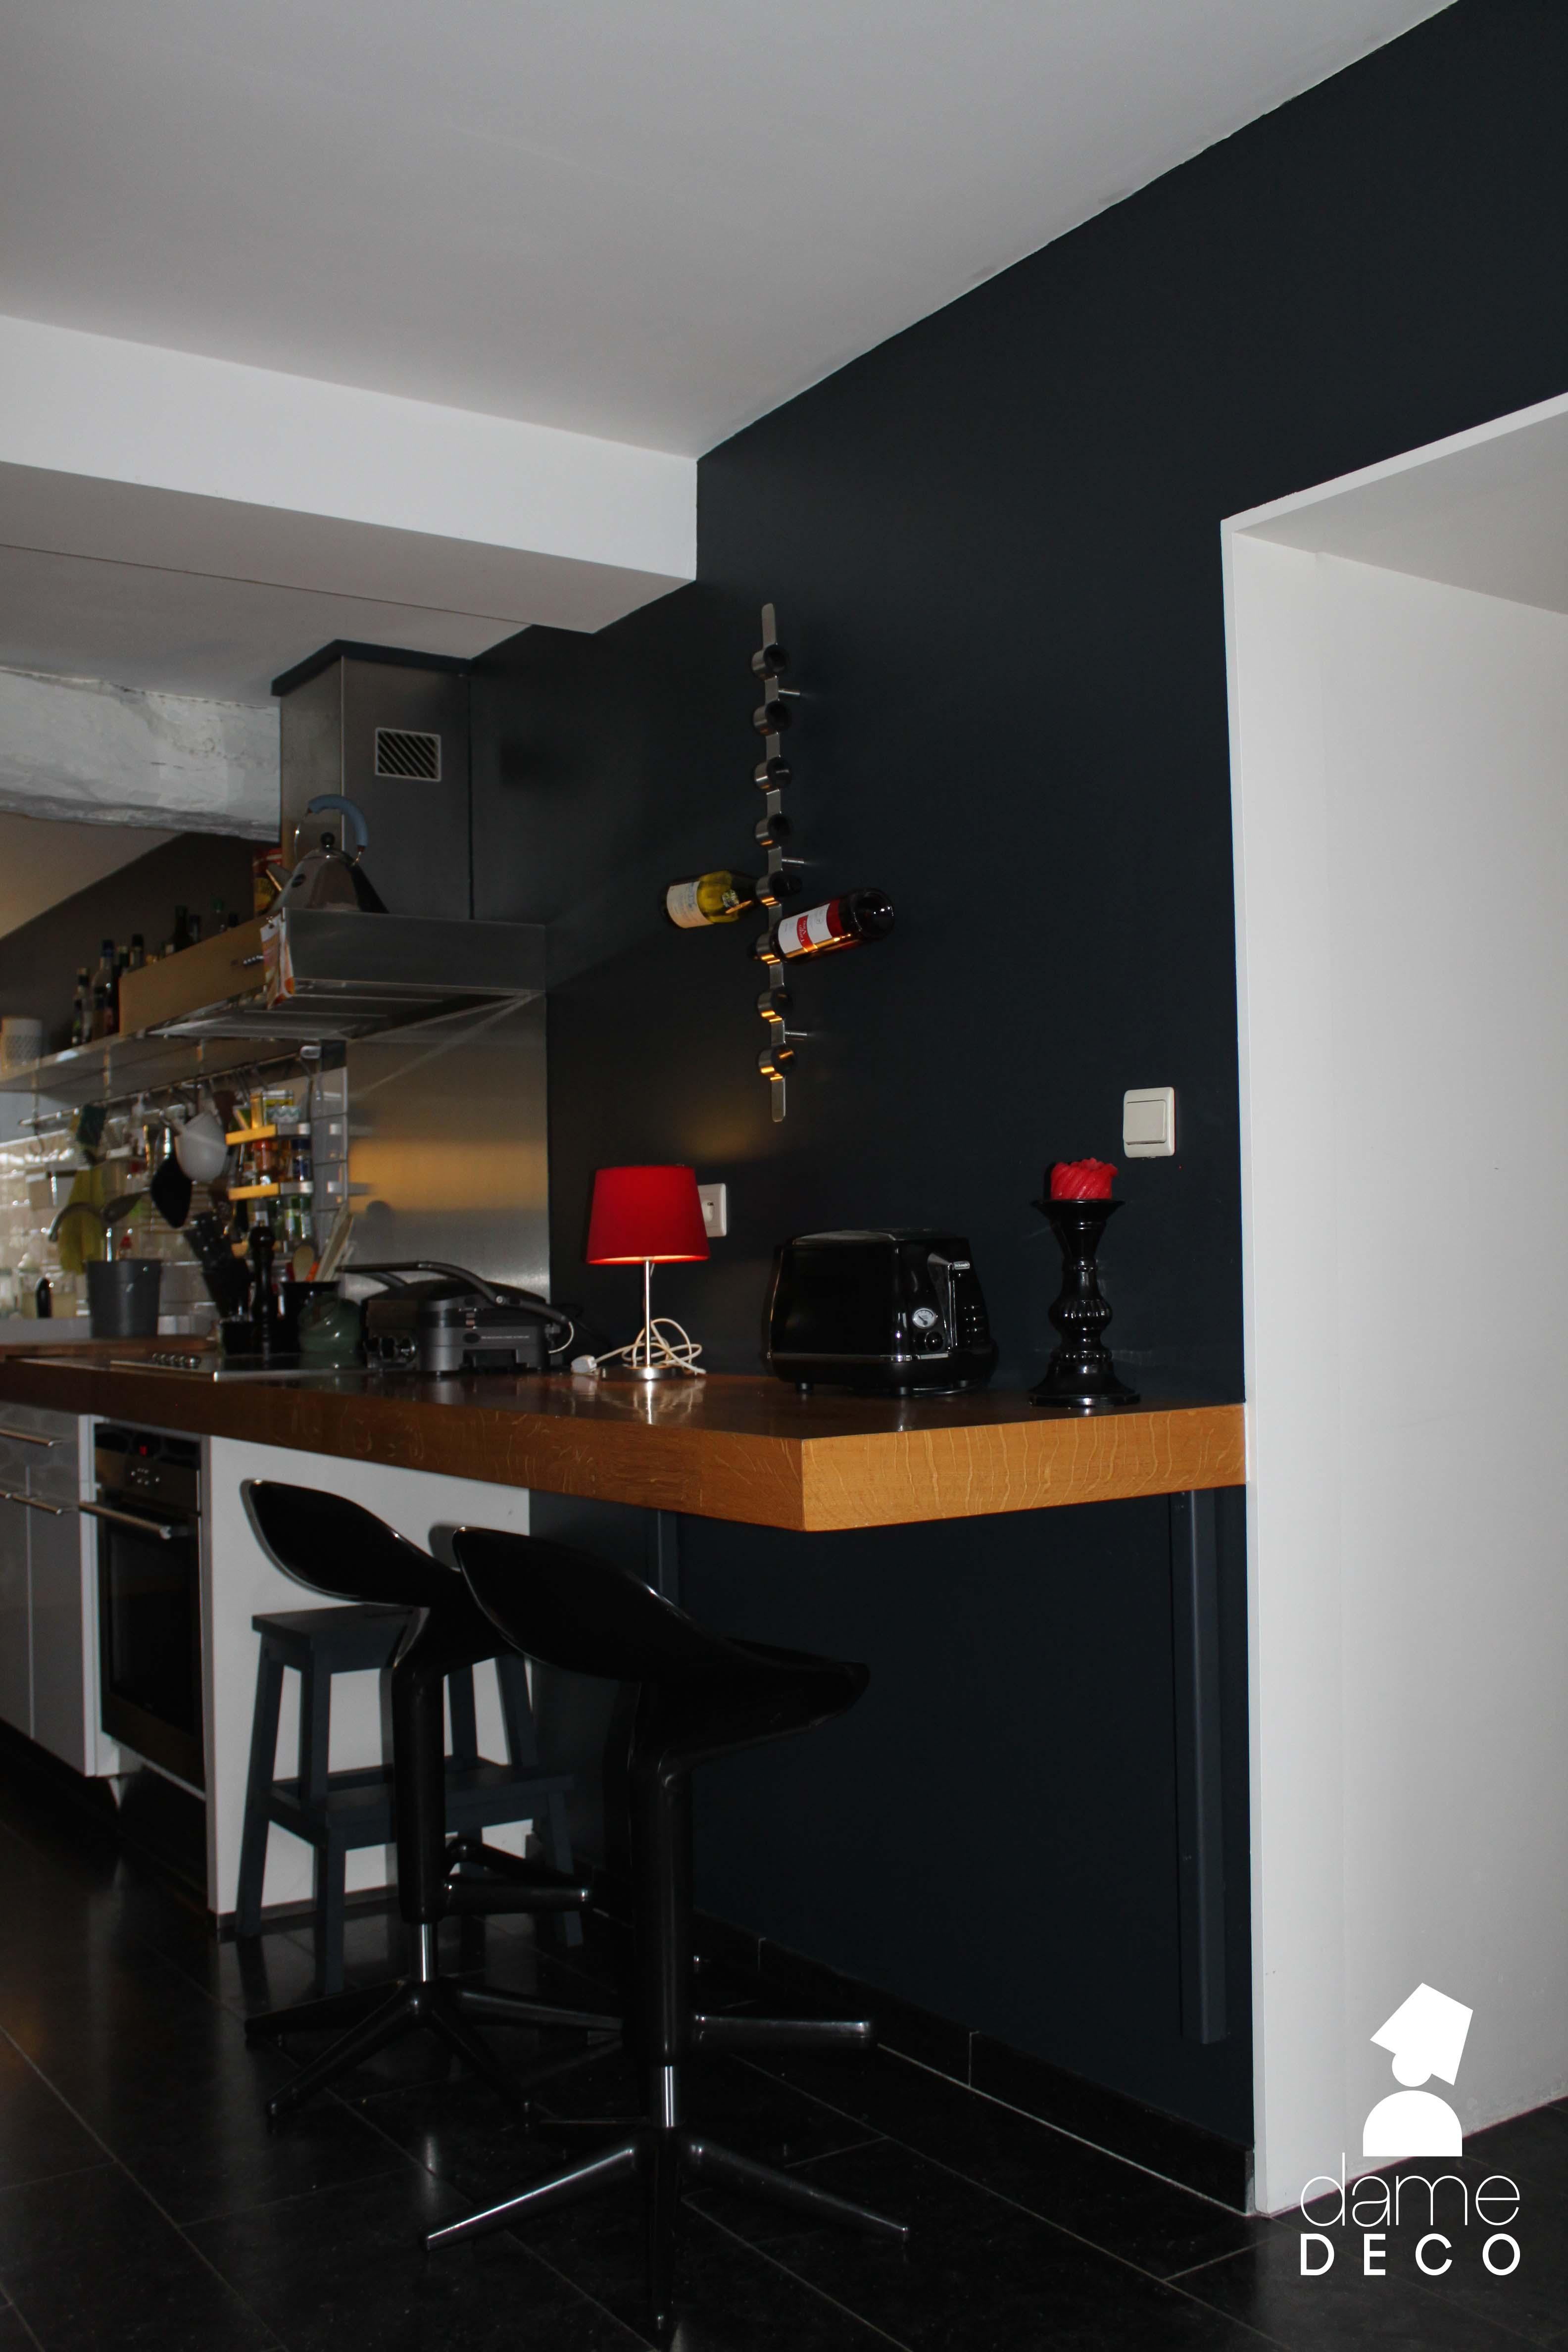 conseils couleurs cuisine maison florze